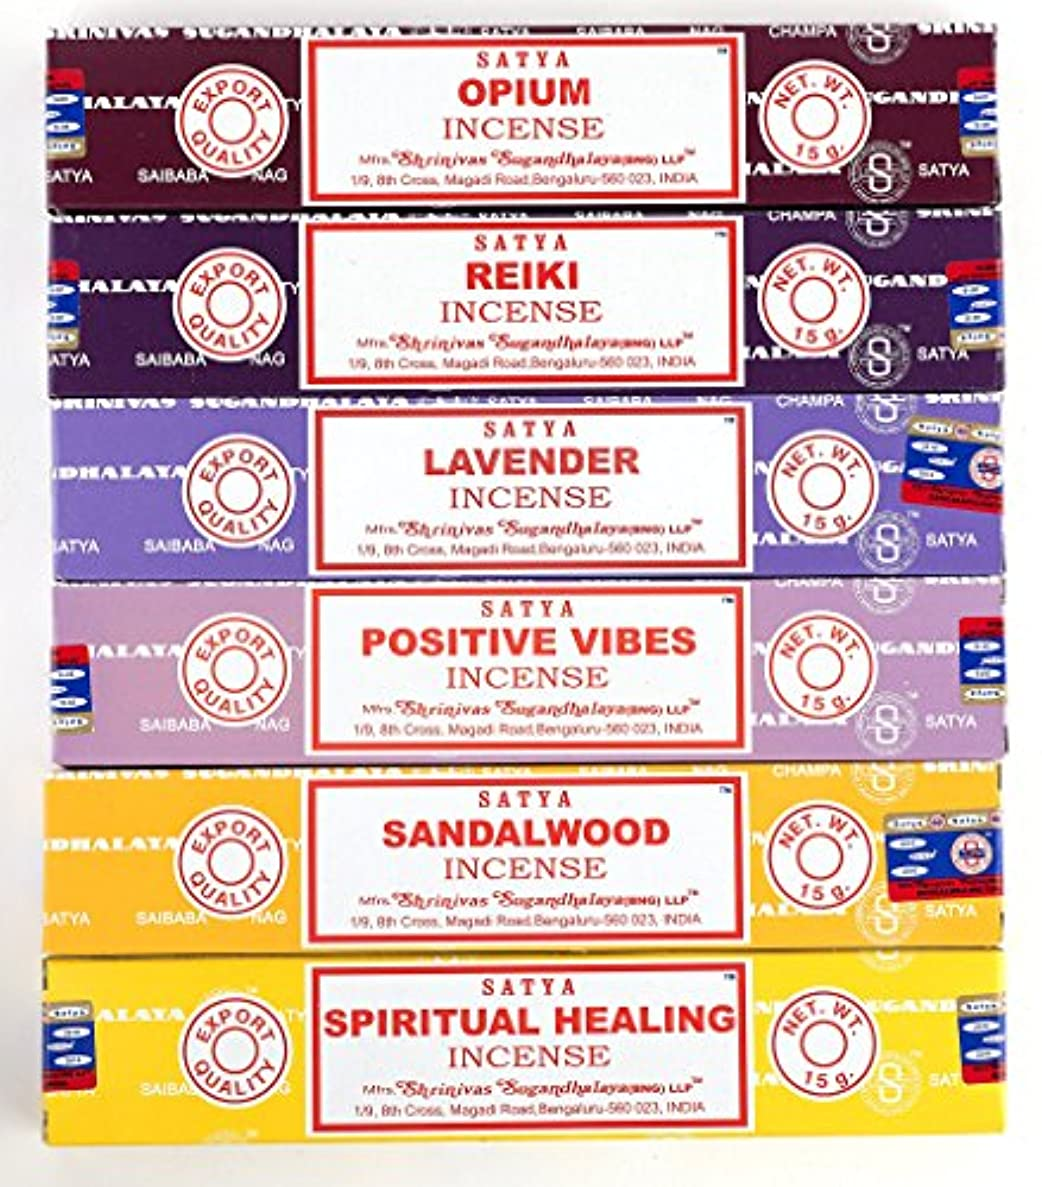 むしろバナーはいNag Champa 6 Piece Variety Pack – Opium、レイキ、ラベンダー、Positive Vibes、サンダルウッド、Spiritual Healing